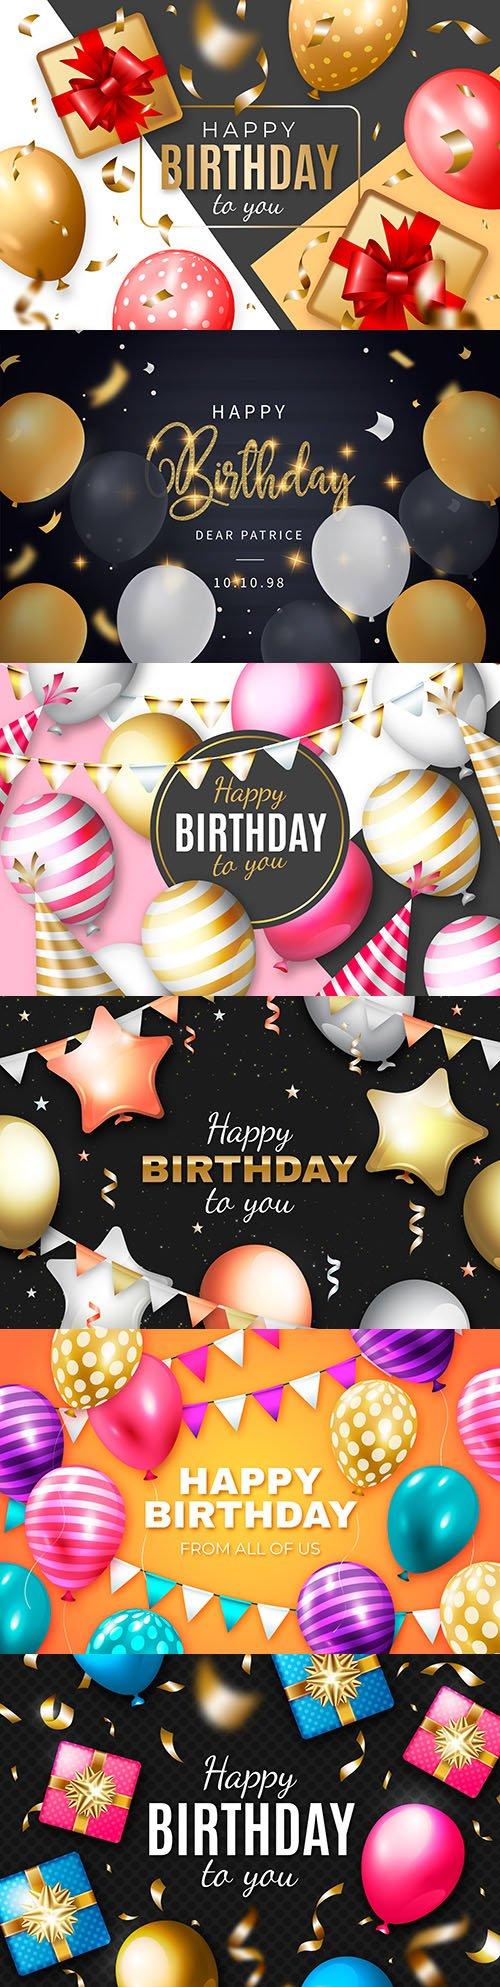 Happy birthday holiday invitation realistic balloons 14